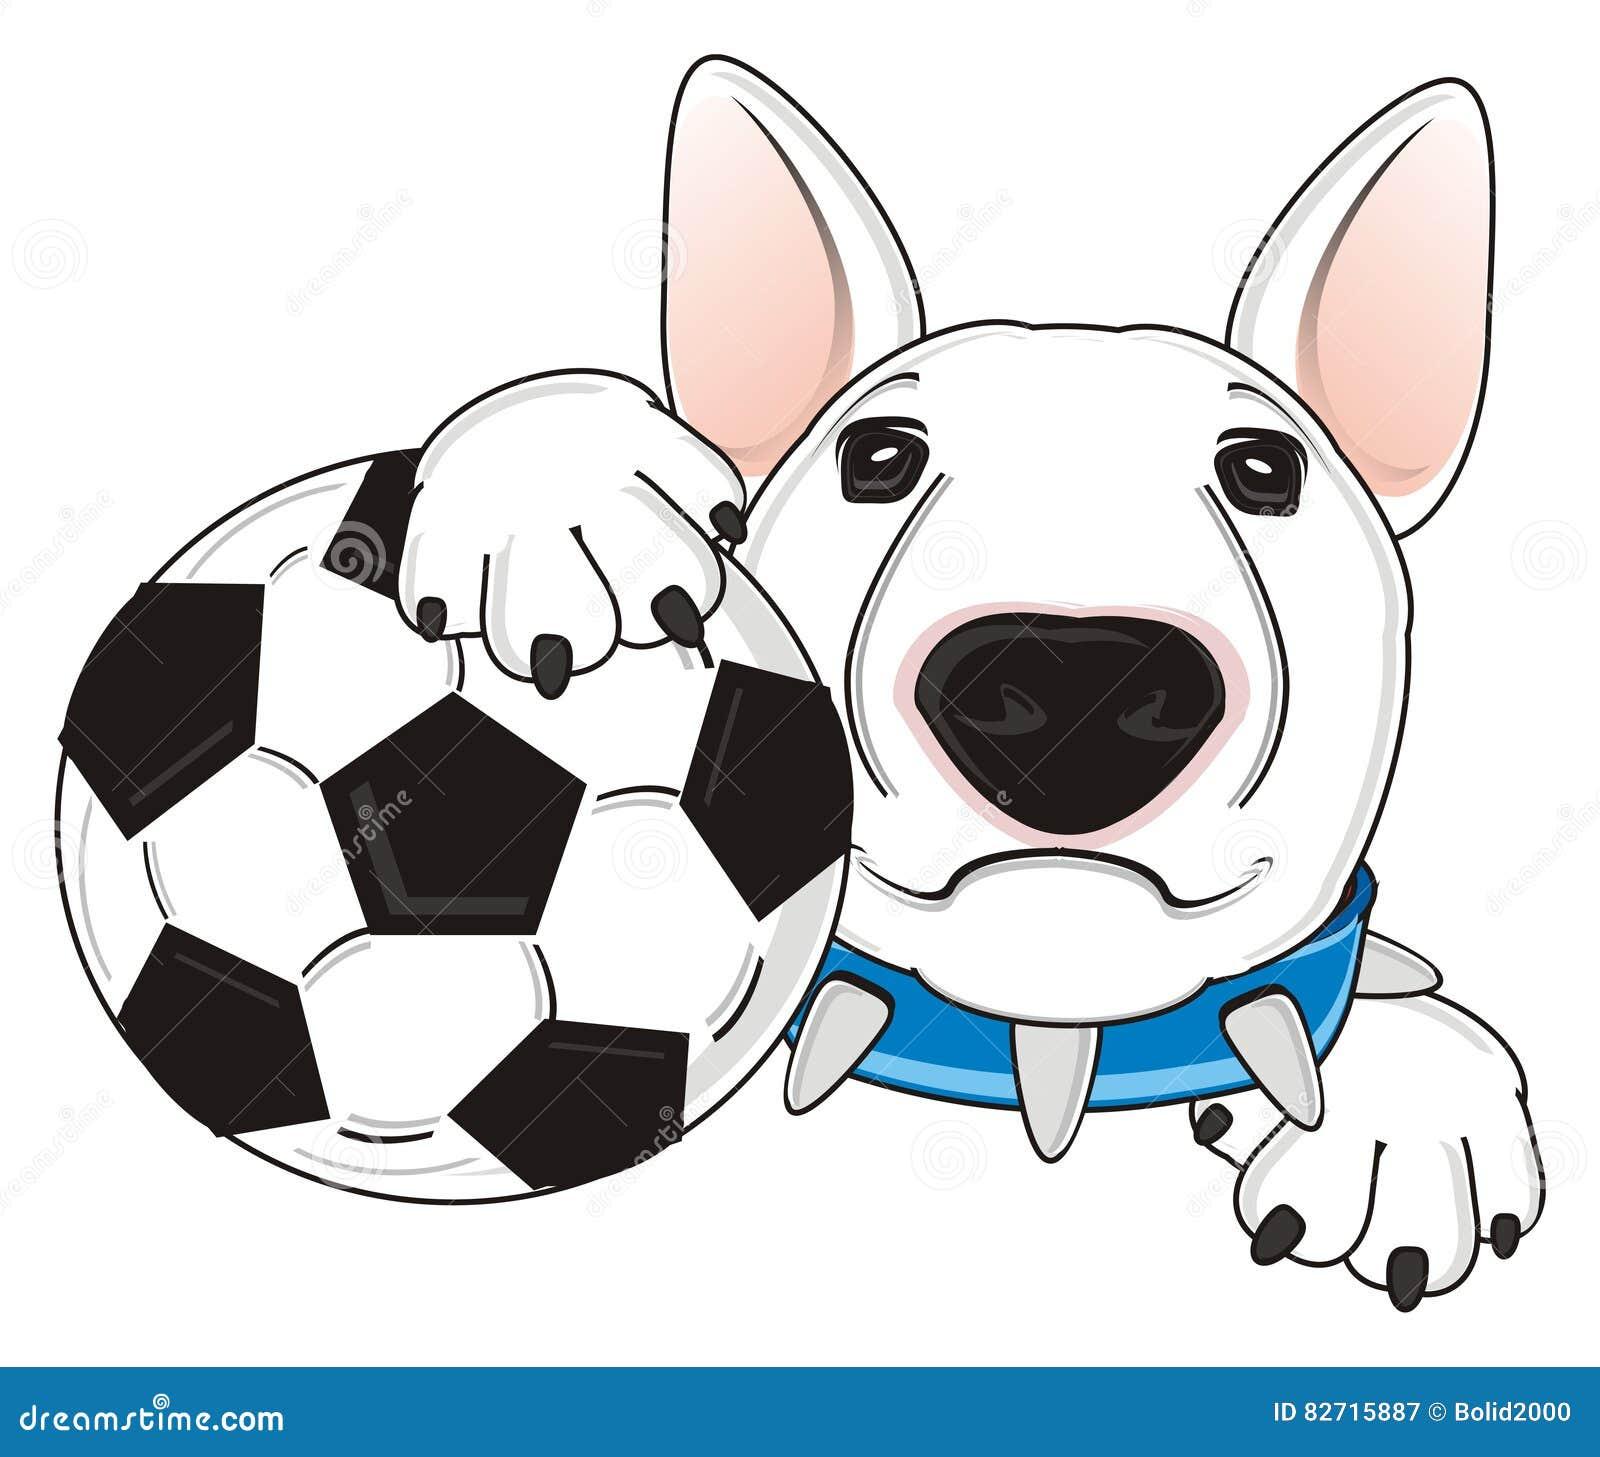 Собака с футбольным мячом иллюстрация штока. иллюстрации ...